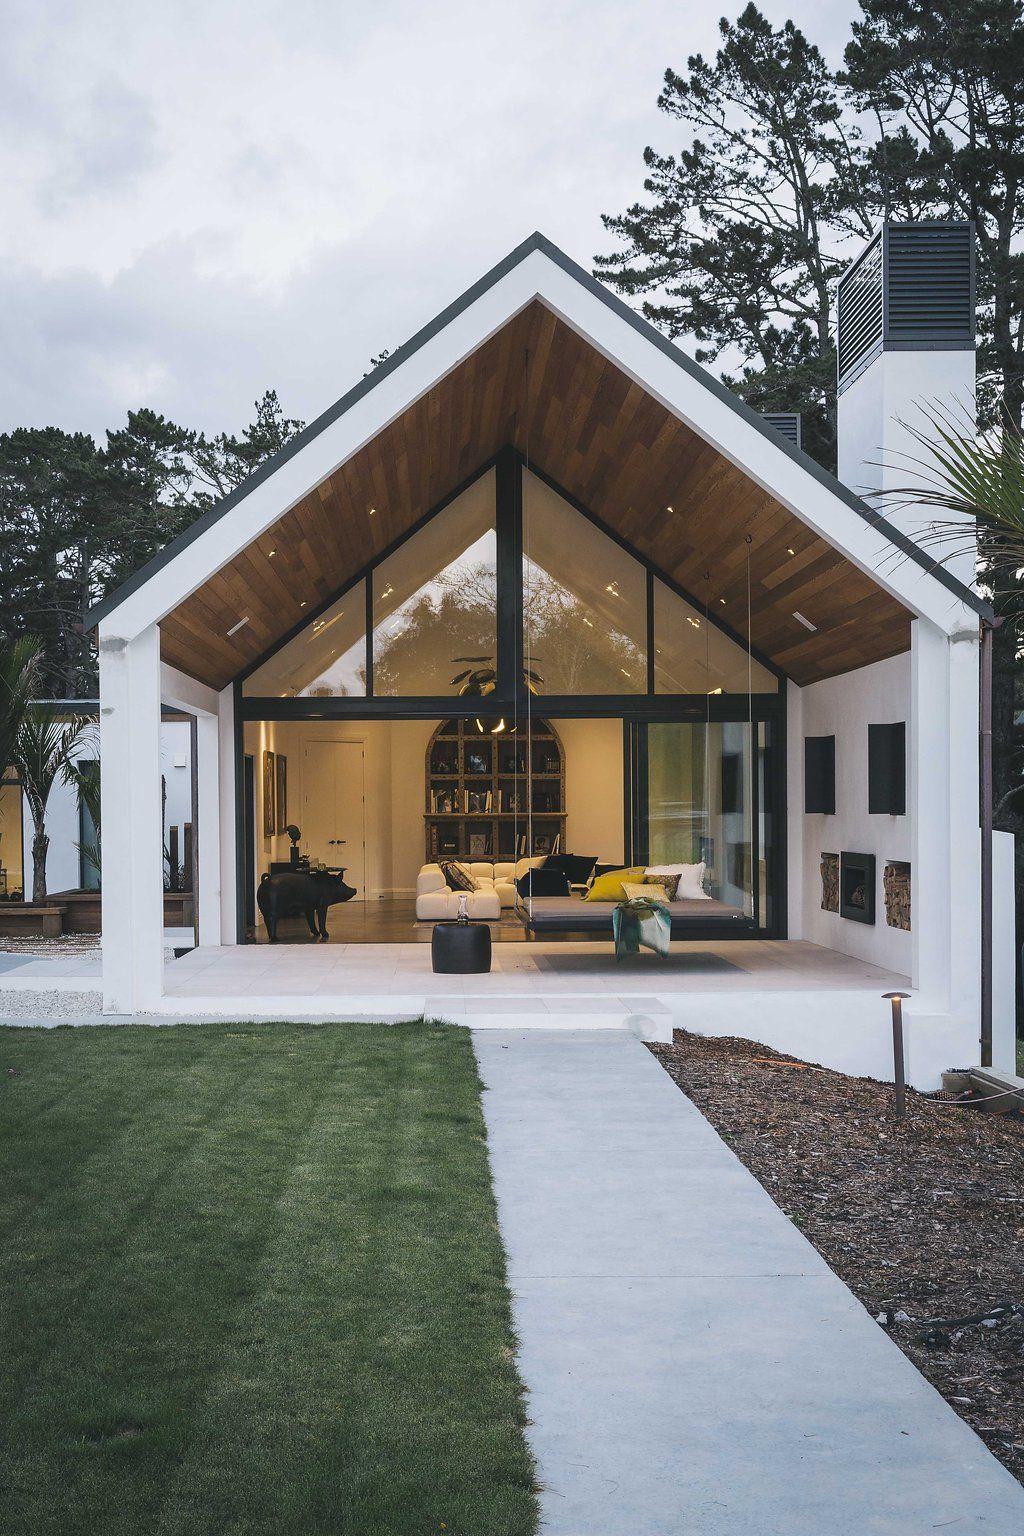 Architettura Case Moderne Idee pin di marco donadel su idee x casa moderna | costruire casa